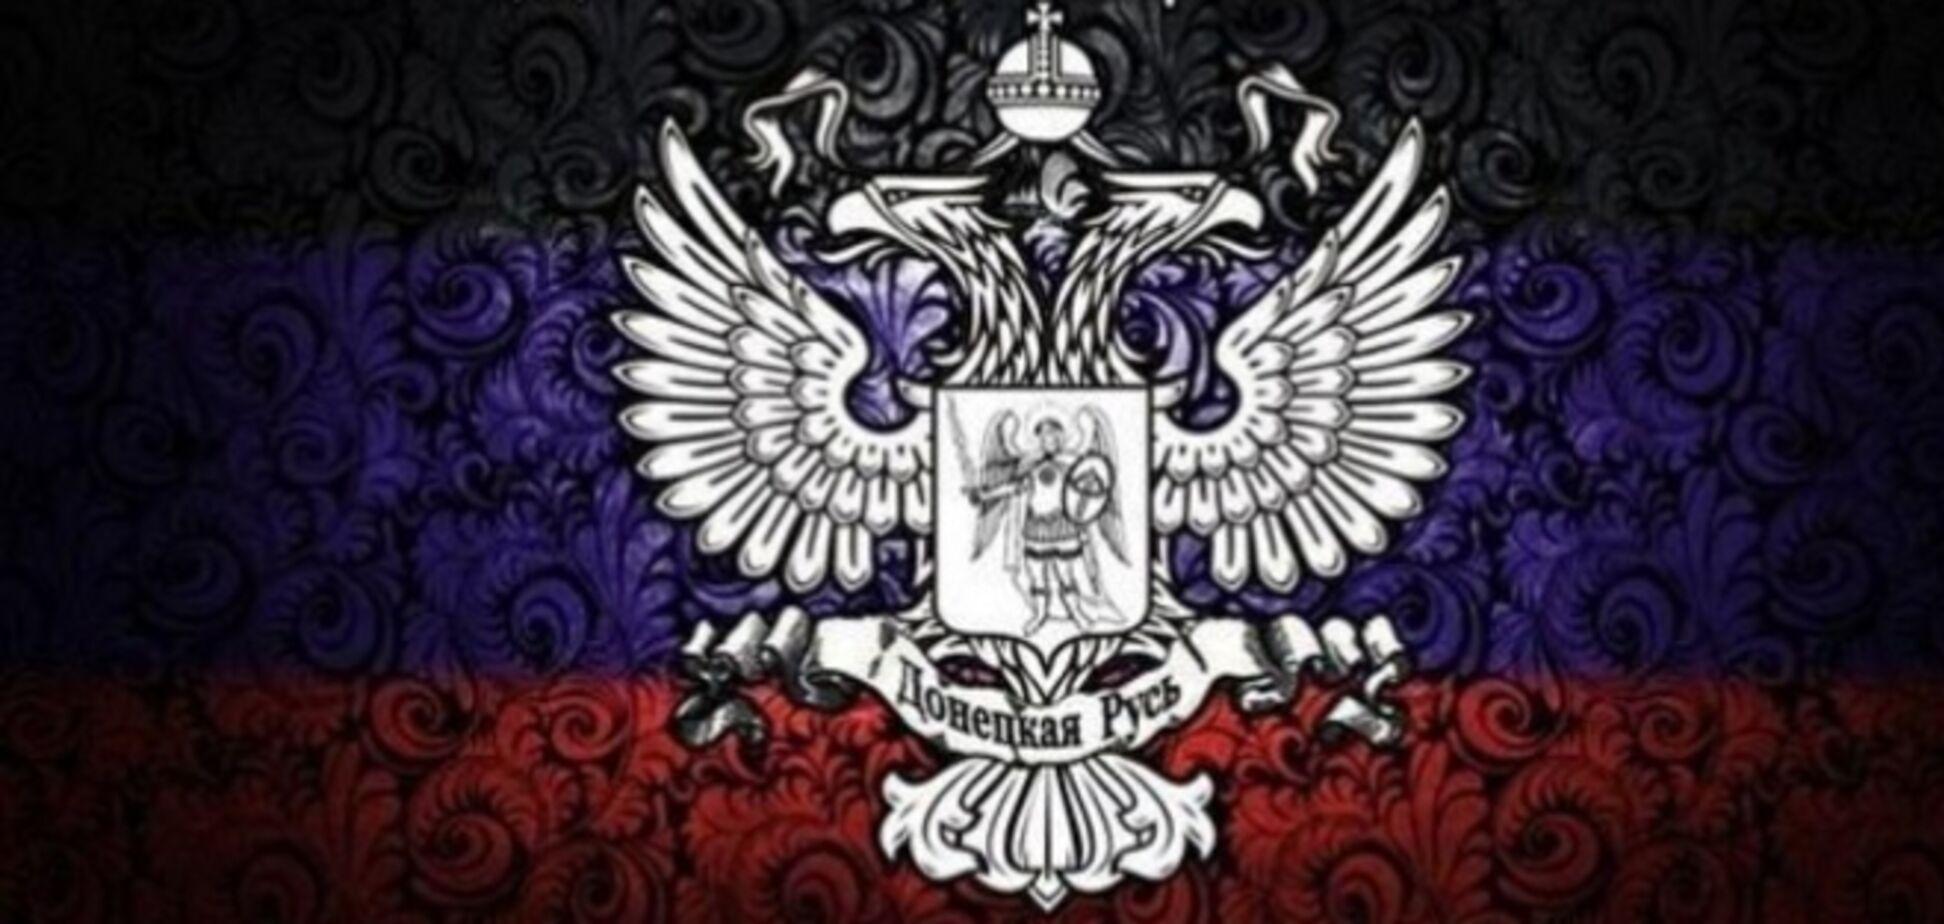 Тихо сам с собою: 'ДНР' планирует 'саммит непризнанных государств'